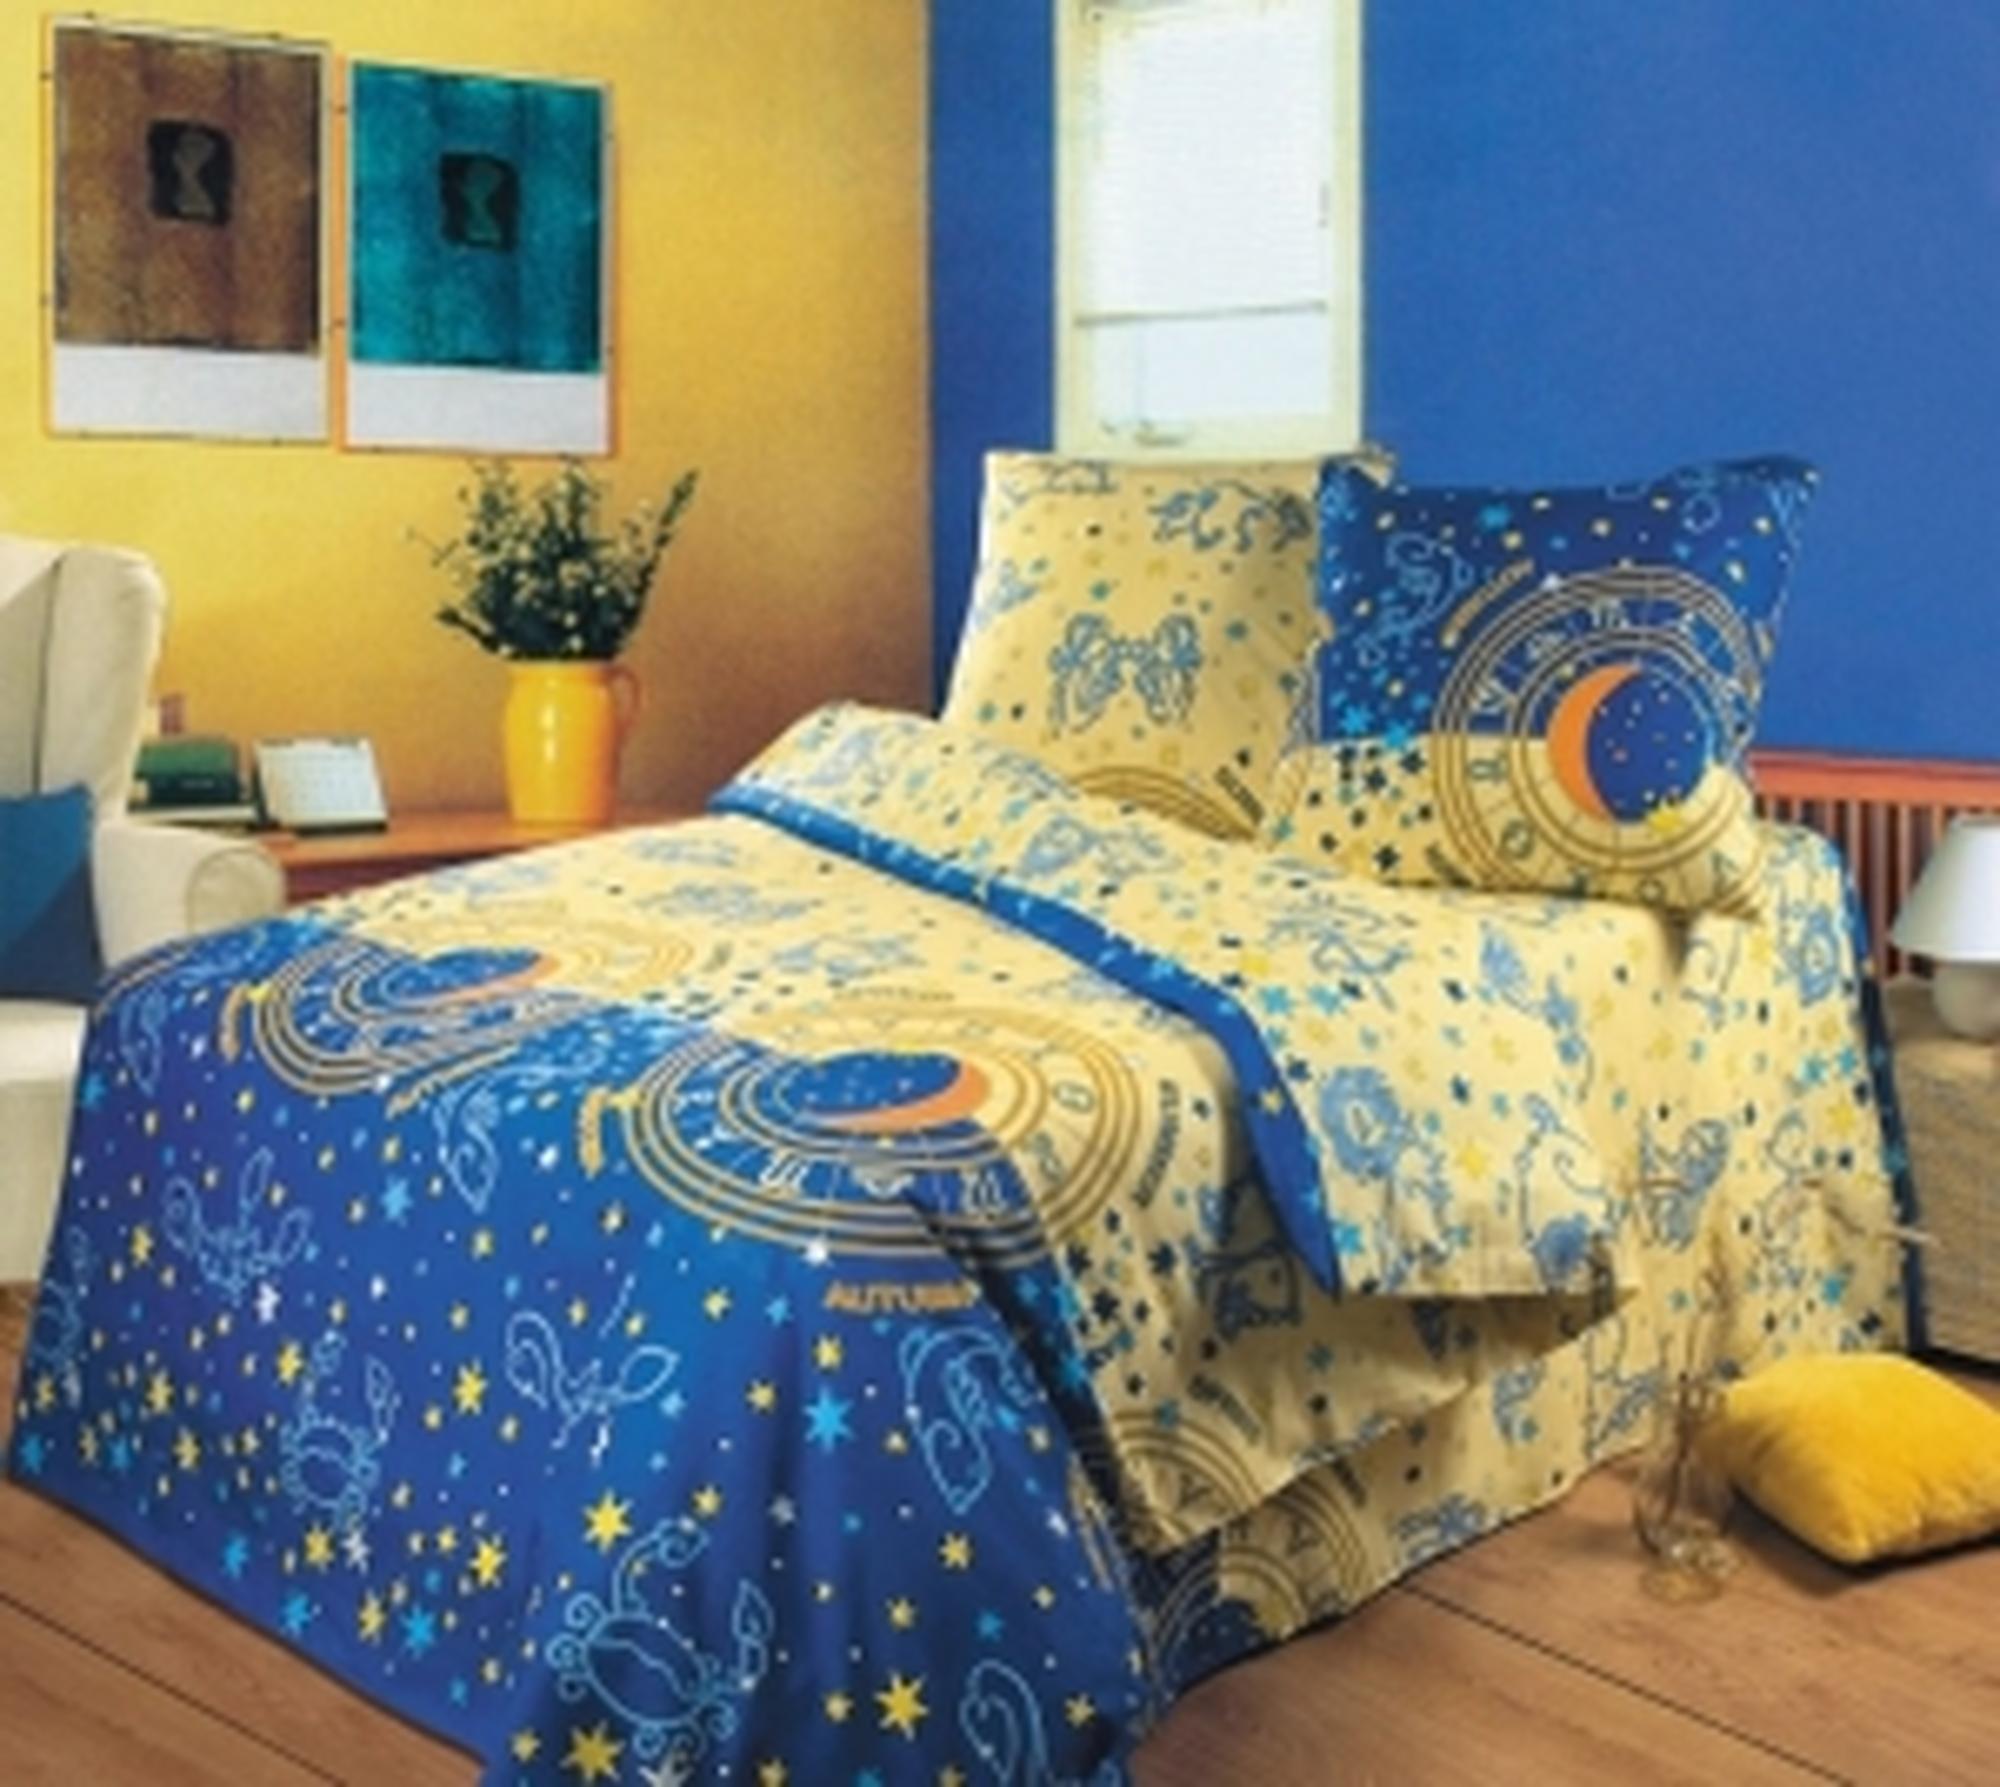 Текс Дизайн Комплект постельного белья «День и ночь» евро 1, 4 предмета.